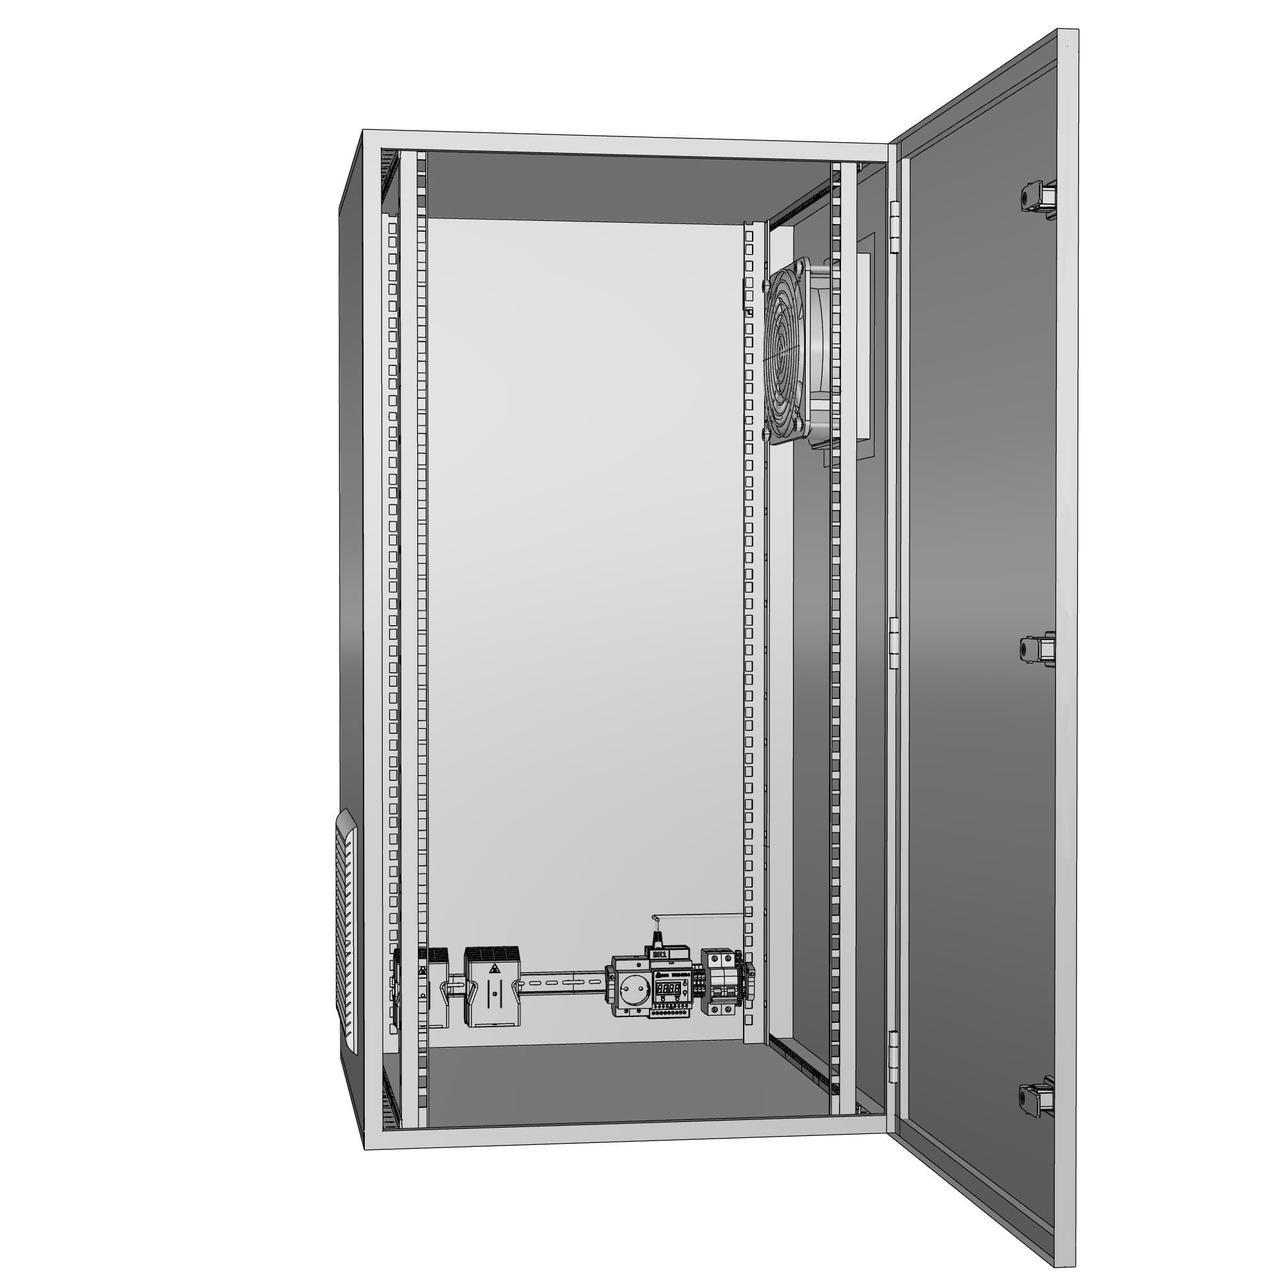 Шкаф климатический утеплённый с обогревом и вентиляцией ЩКу- ОВ- 6 - 1000×800×300 (В×Ш×Г) IP65